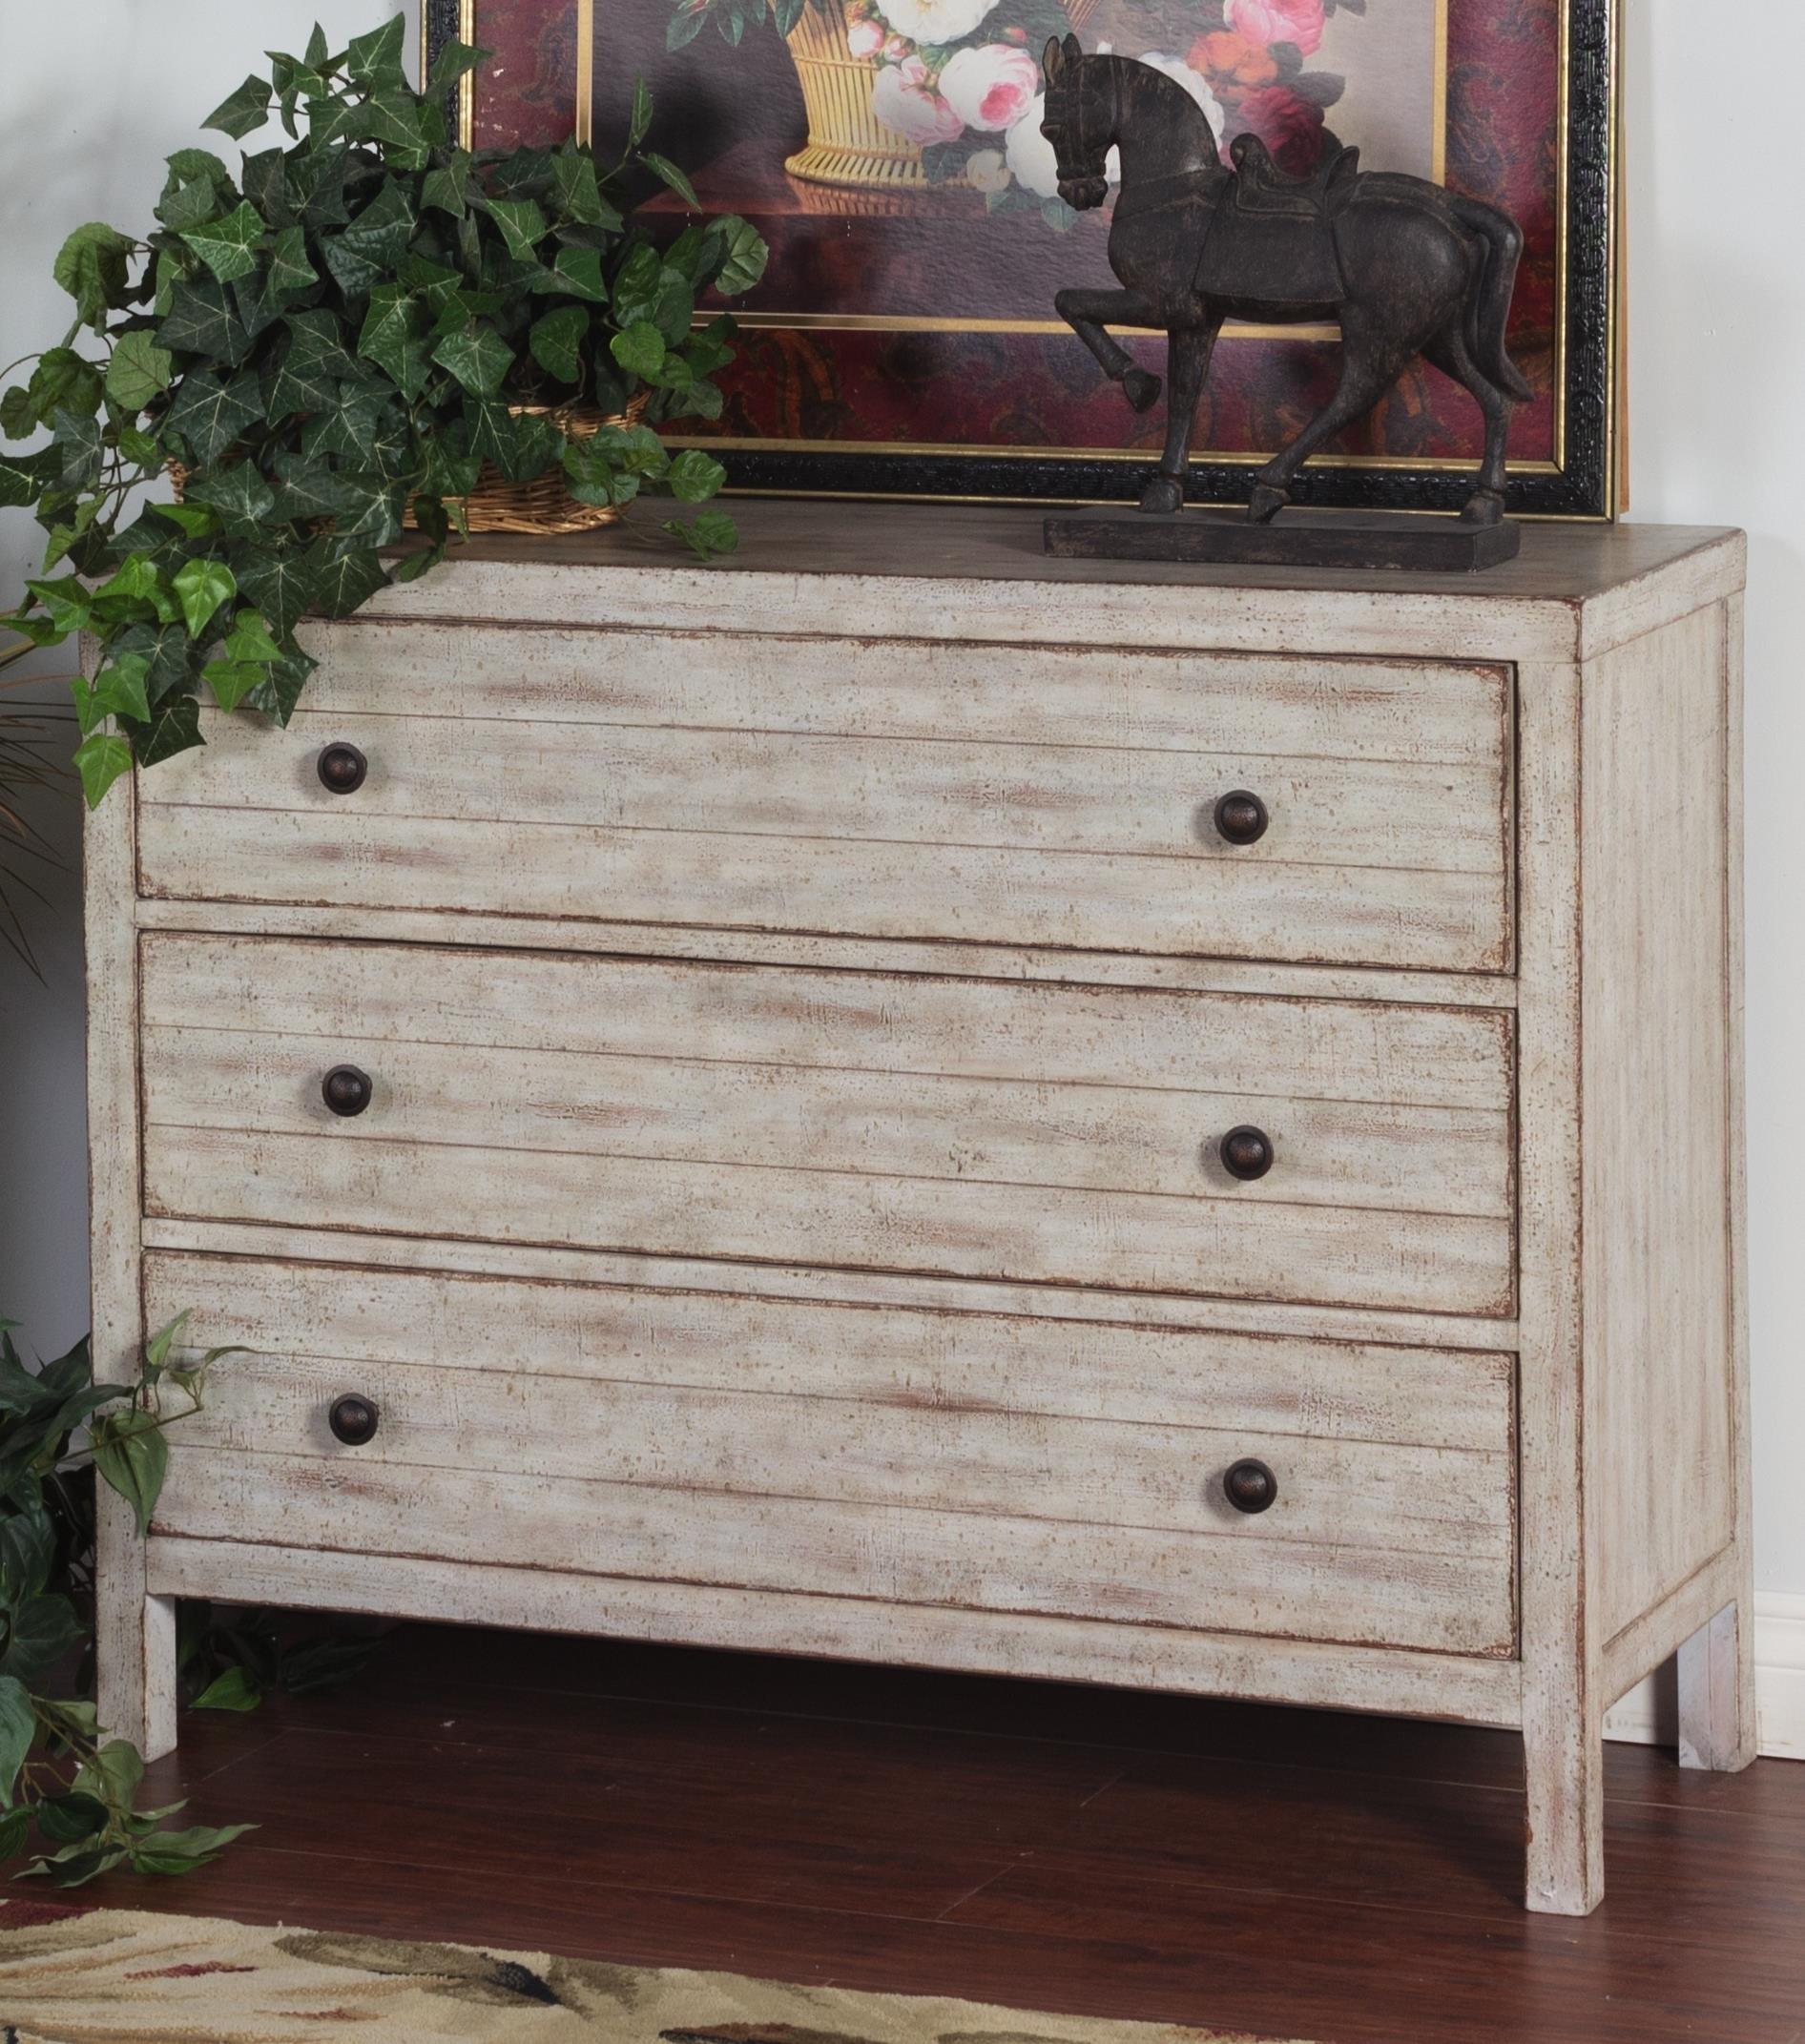 Morris Home Furnishings Santa Rosa Santa Rosa 3 Drawer Chest - Item Number: 288844602